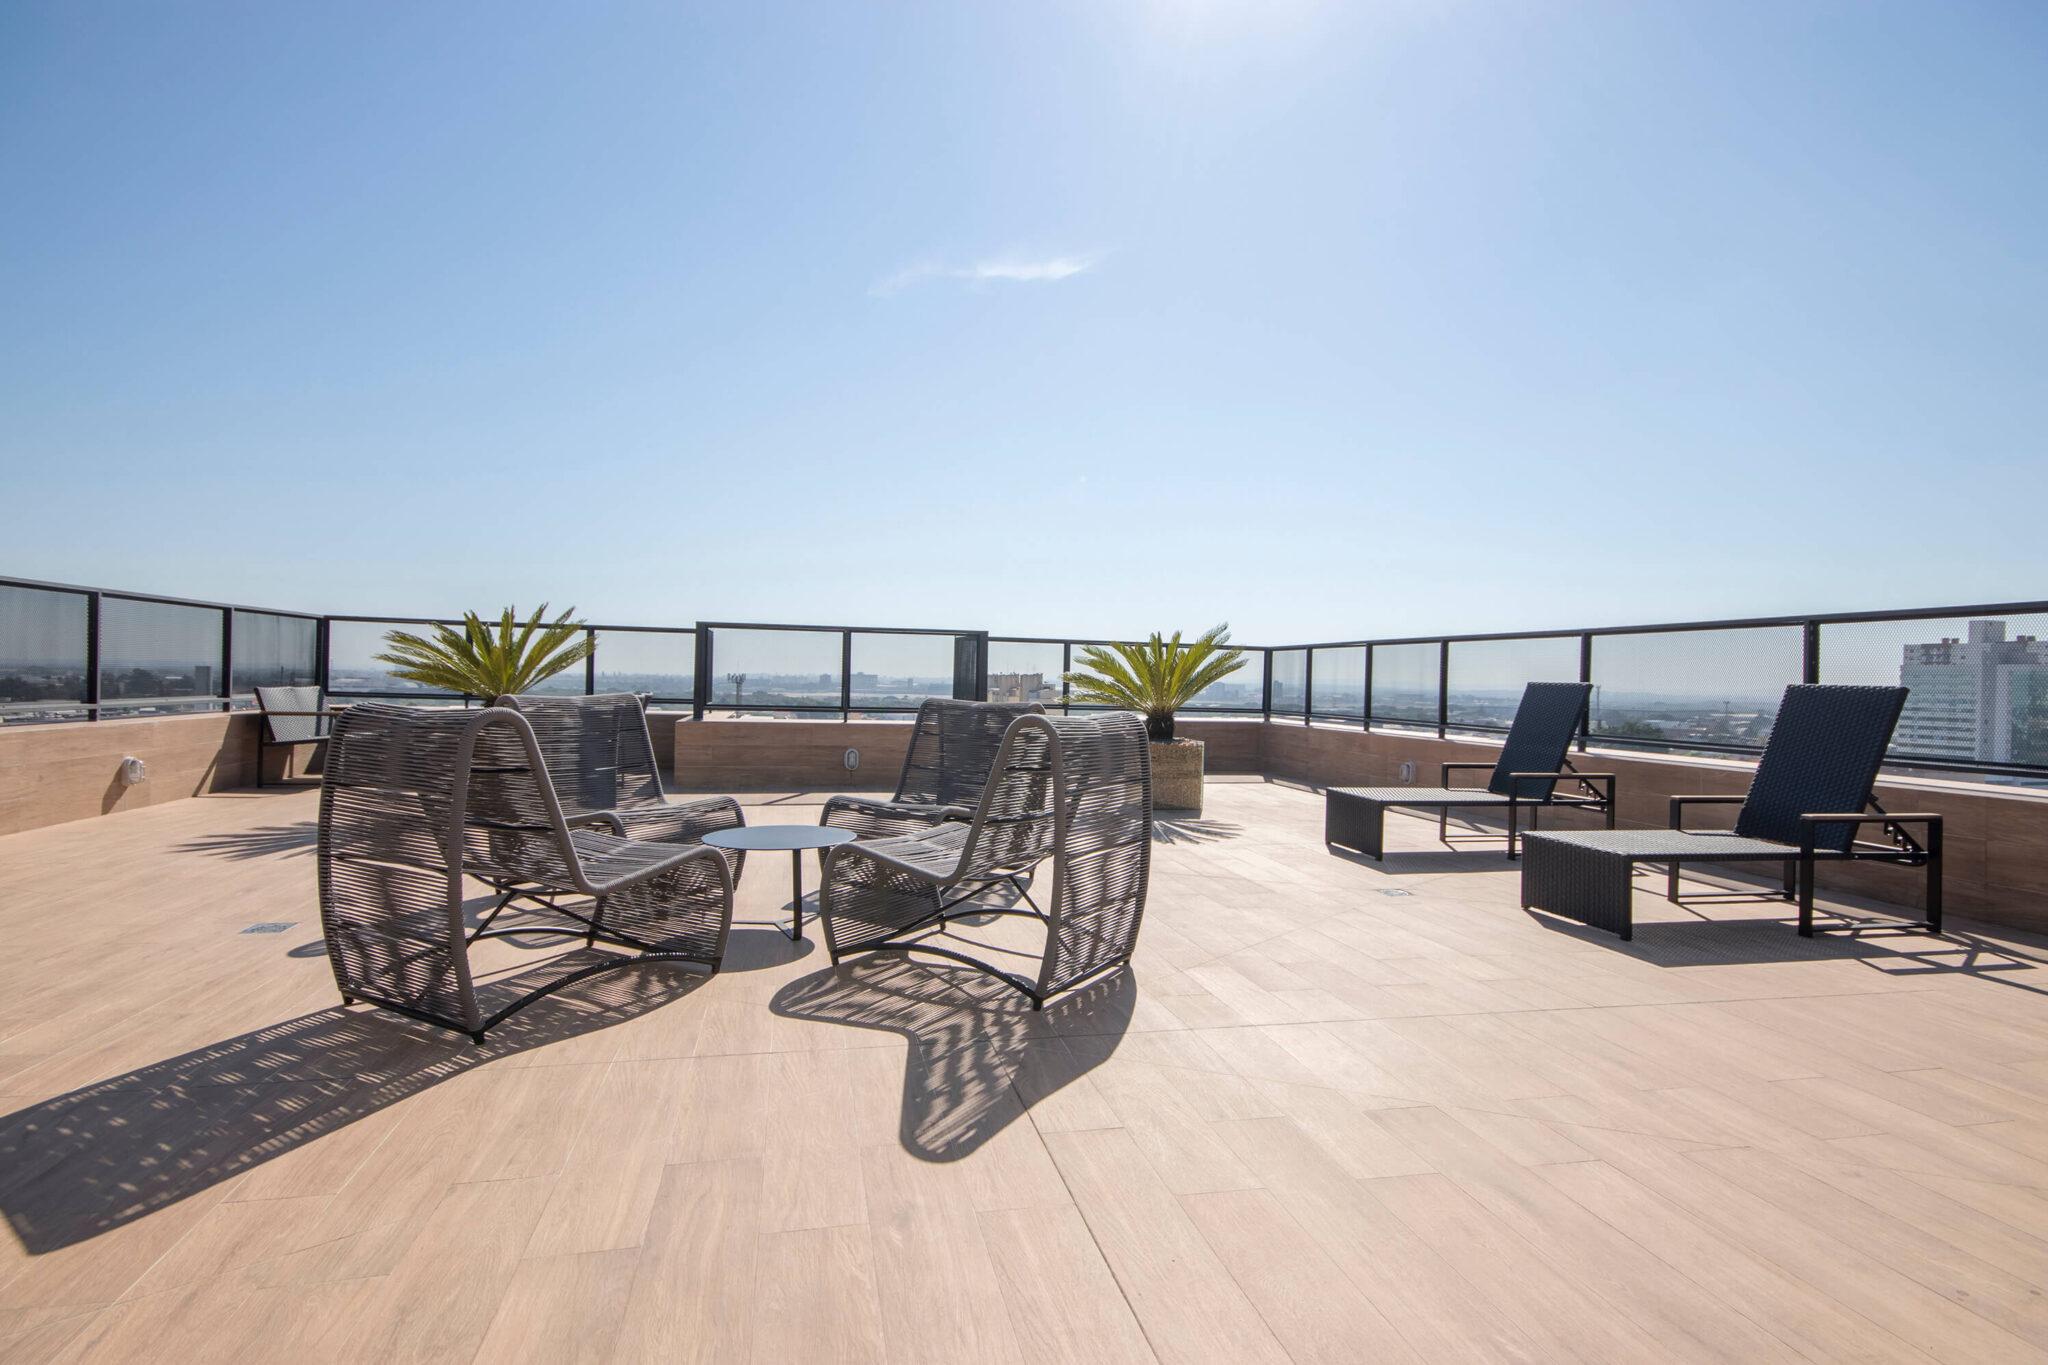 Empreendimento: Esquina Chartier - Móveis para as área externa do condomínio - Fotos: Fábio Carvalho